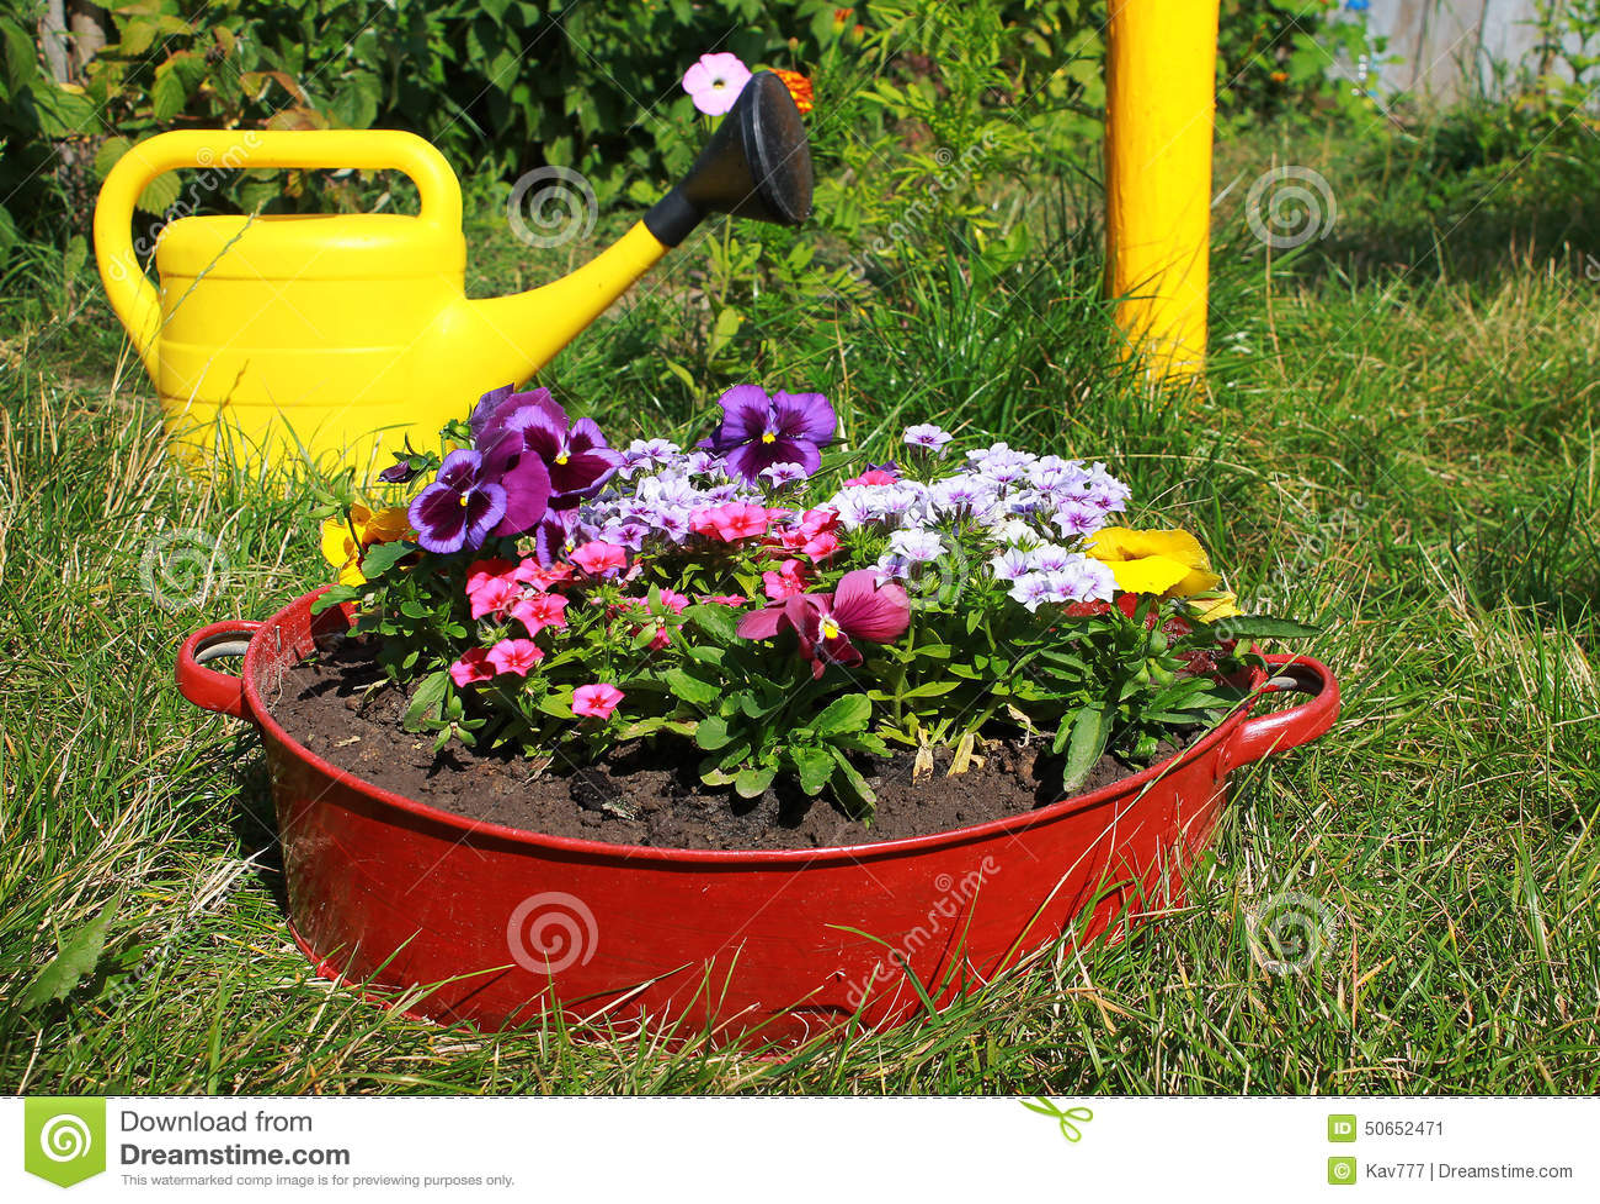 Ideeën Voor Tuin, Bloemen In Oude Wasbak Stock Foto  Afbeelding 50652471 # Wasbak Geel_212052